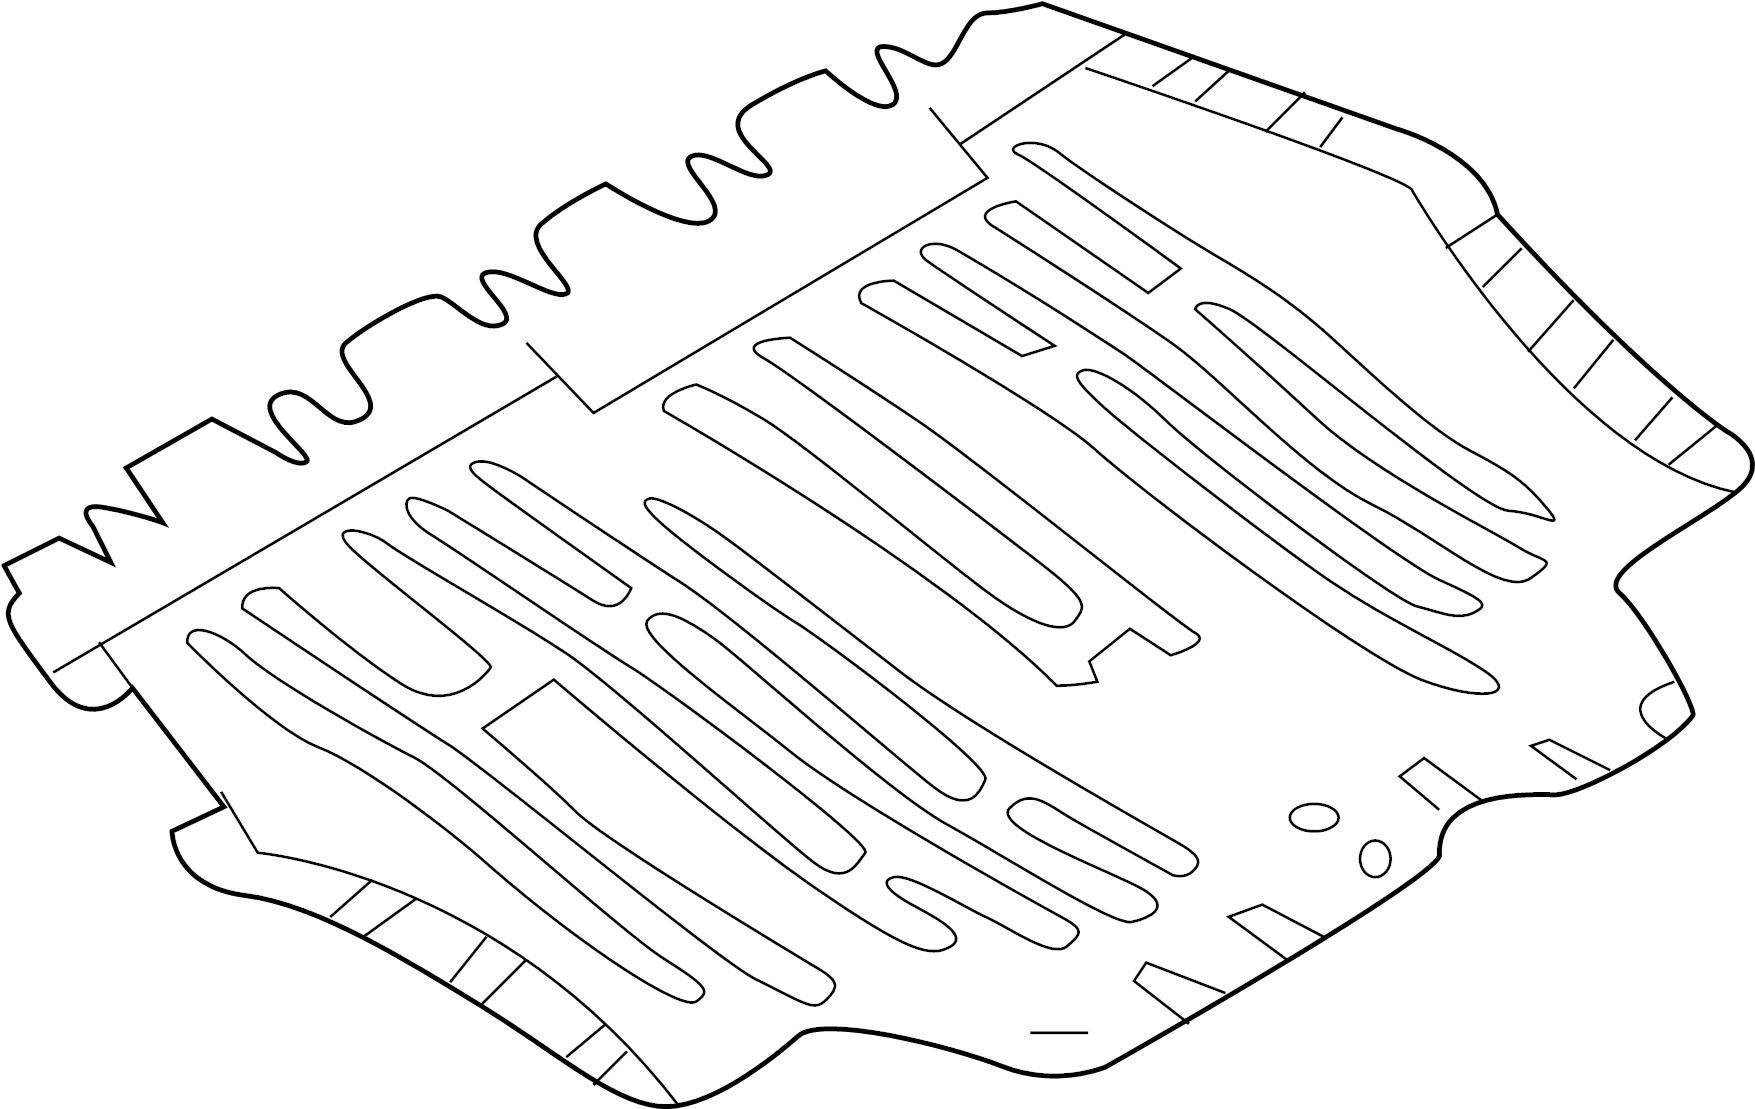 2015 Volkswagen Beetle Radiator Support Splash Shield